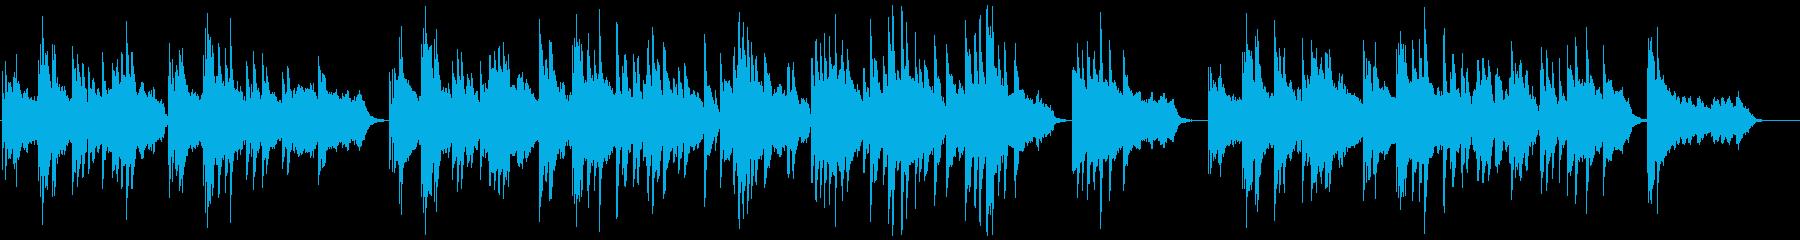 心にアクセスするソロピアノの調べの再生済みの波形